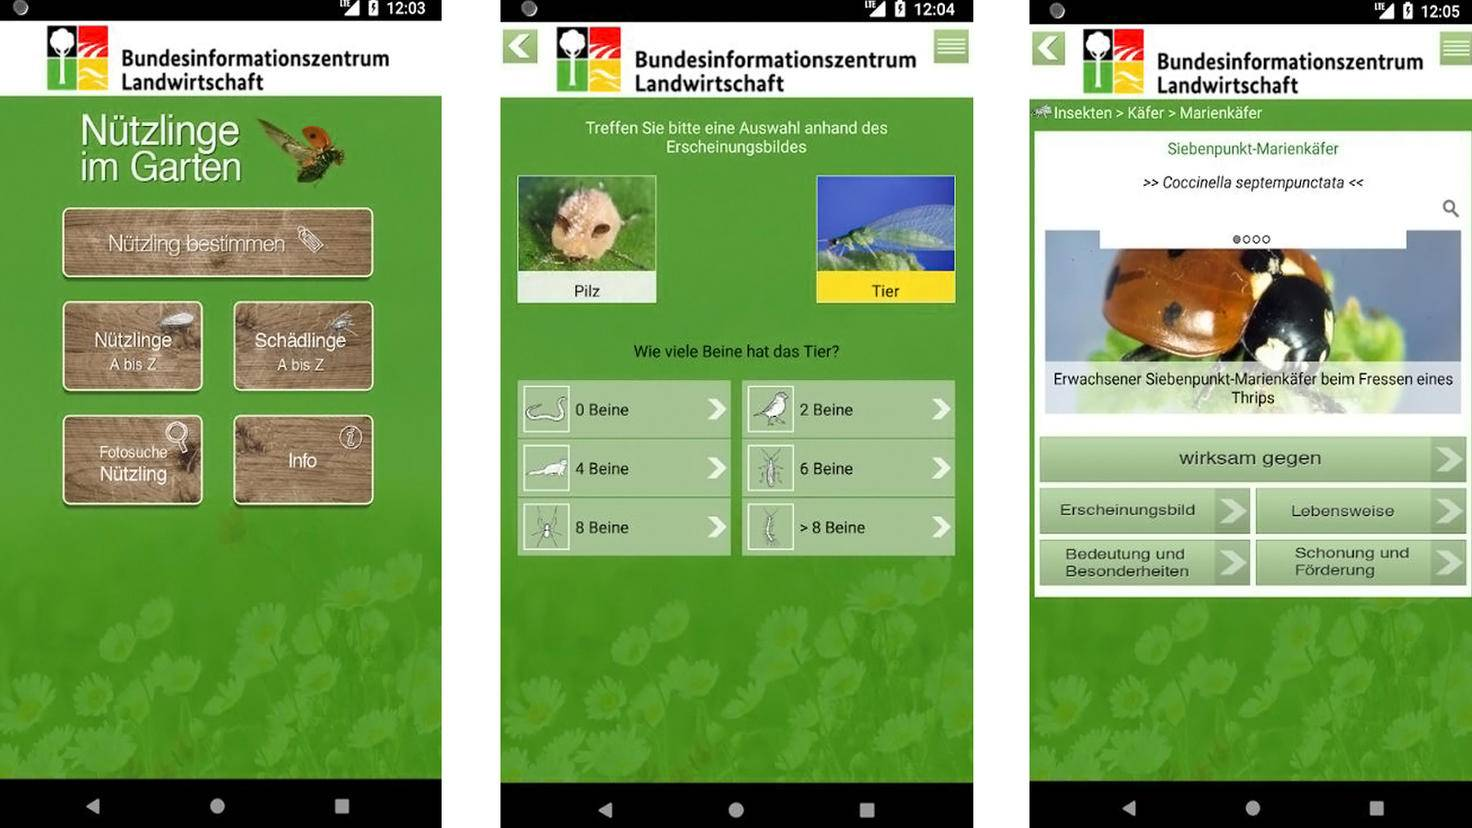 Nützlinge im Garten App-Google Play Store-Bundesanstalt für Landwirtschaft und Ernährung